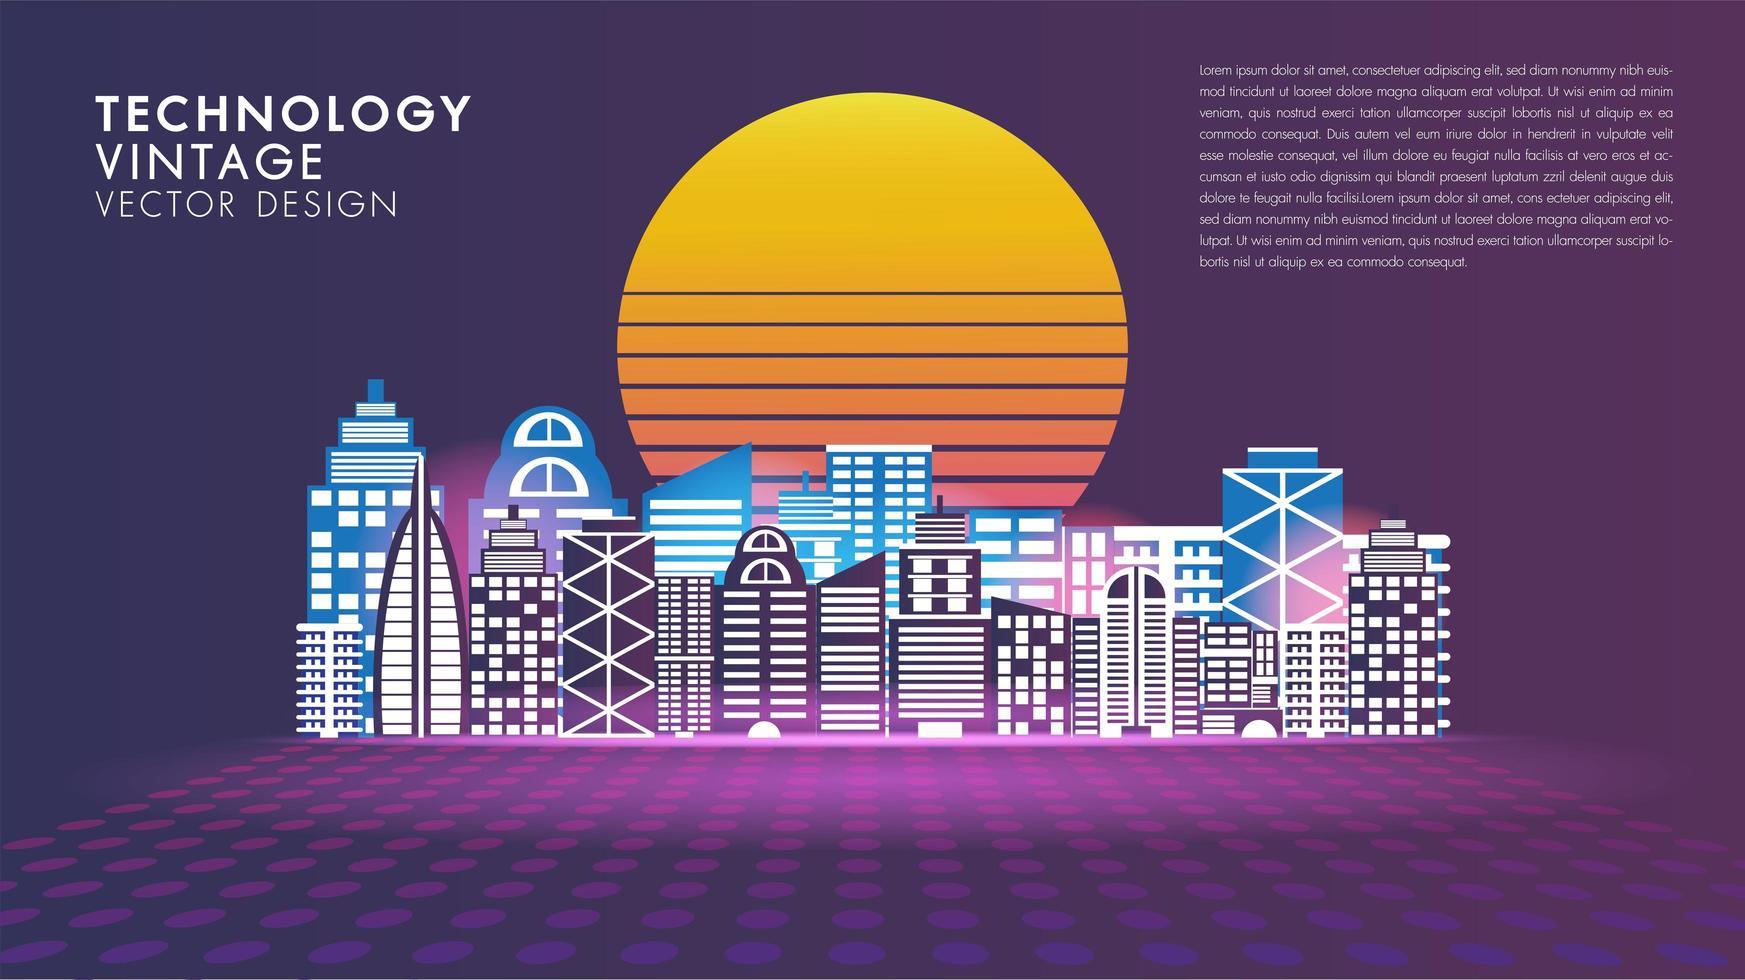 poster di smart city di innovazione sociale stile vintage vettore